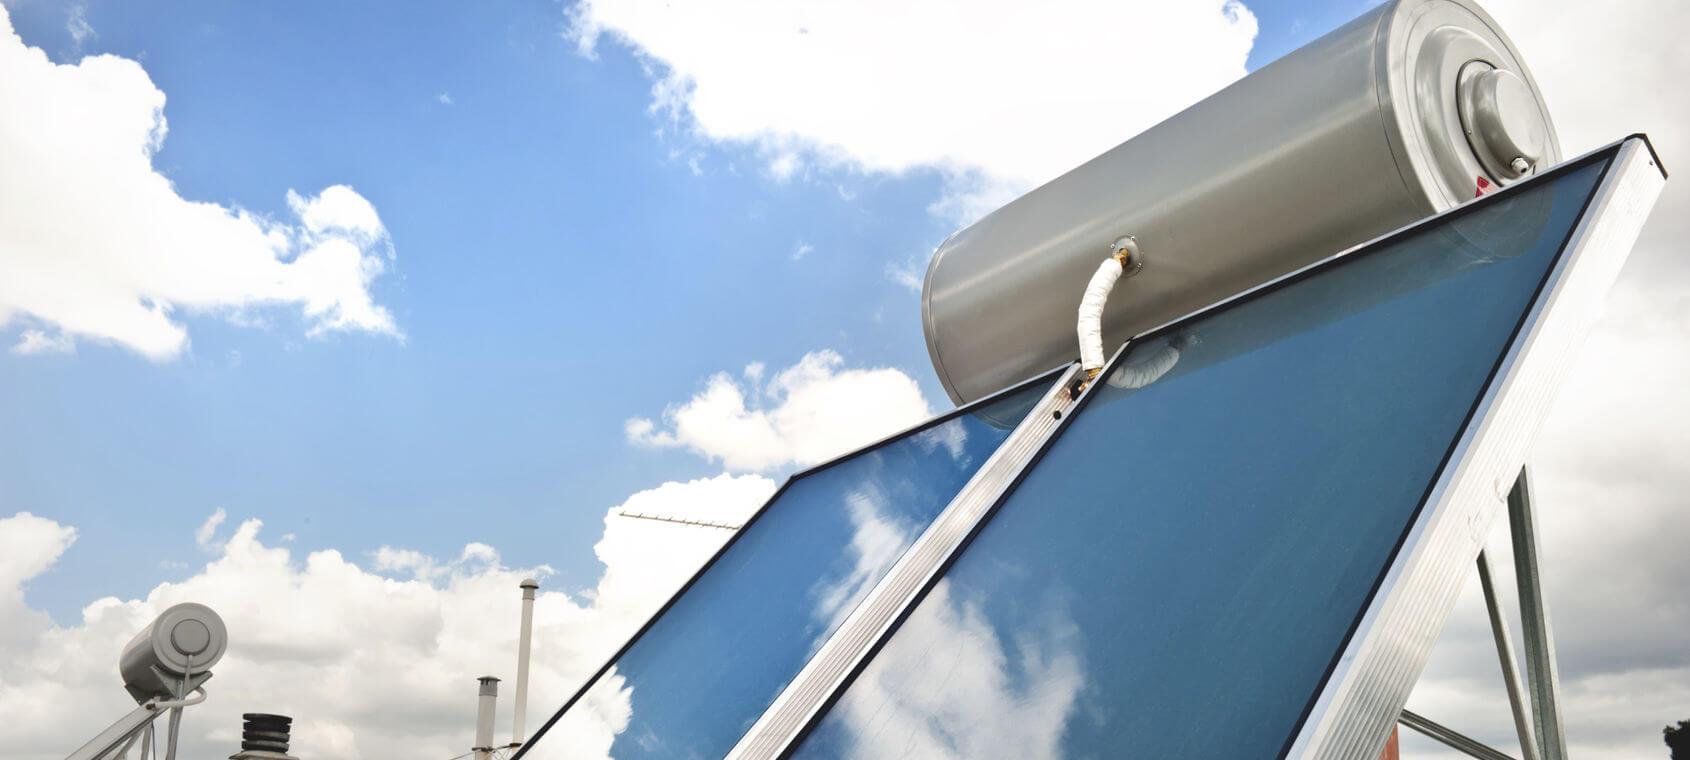 Impianto solare termico in inverno